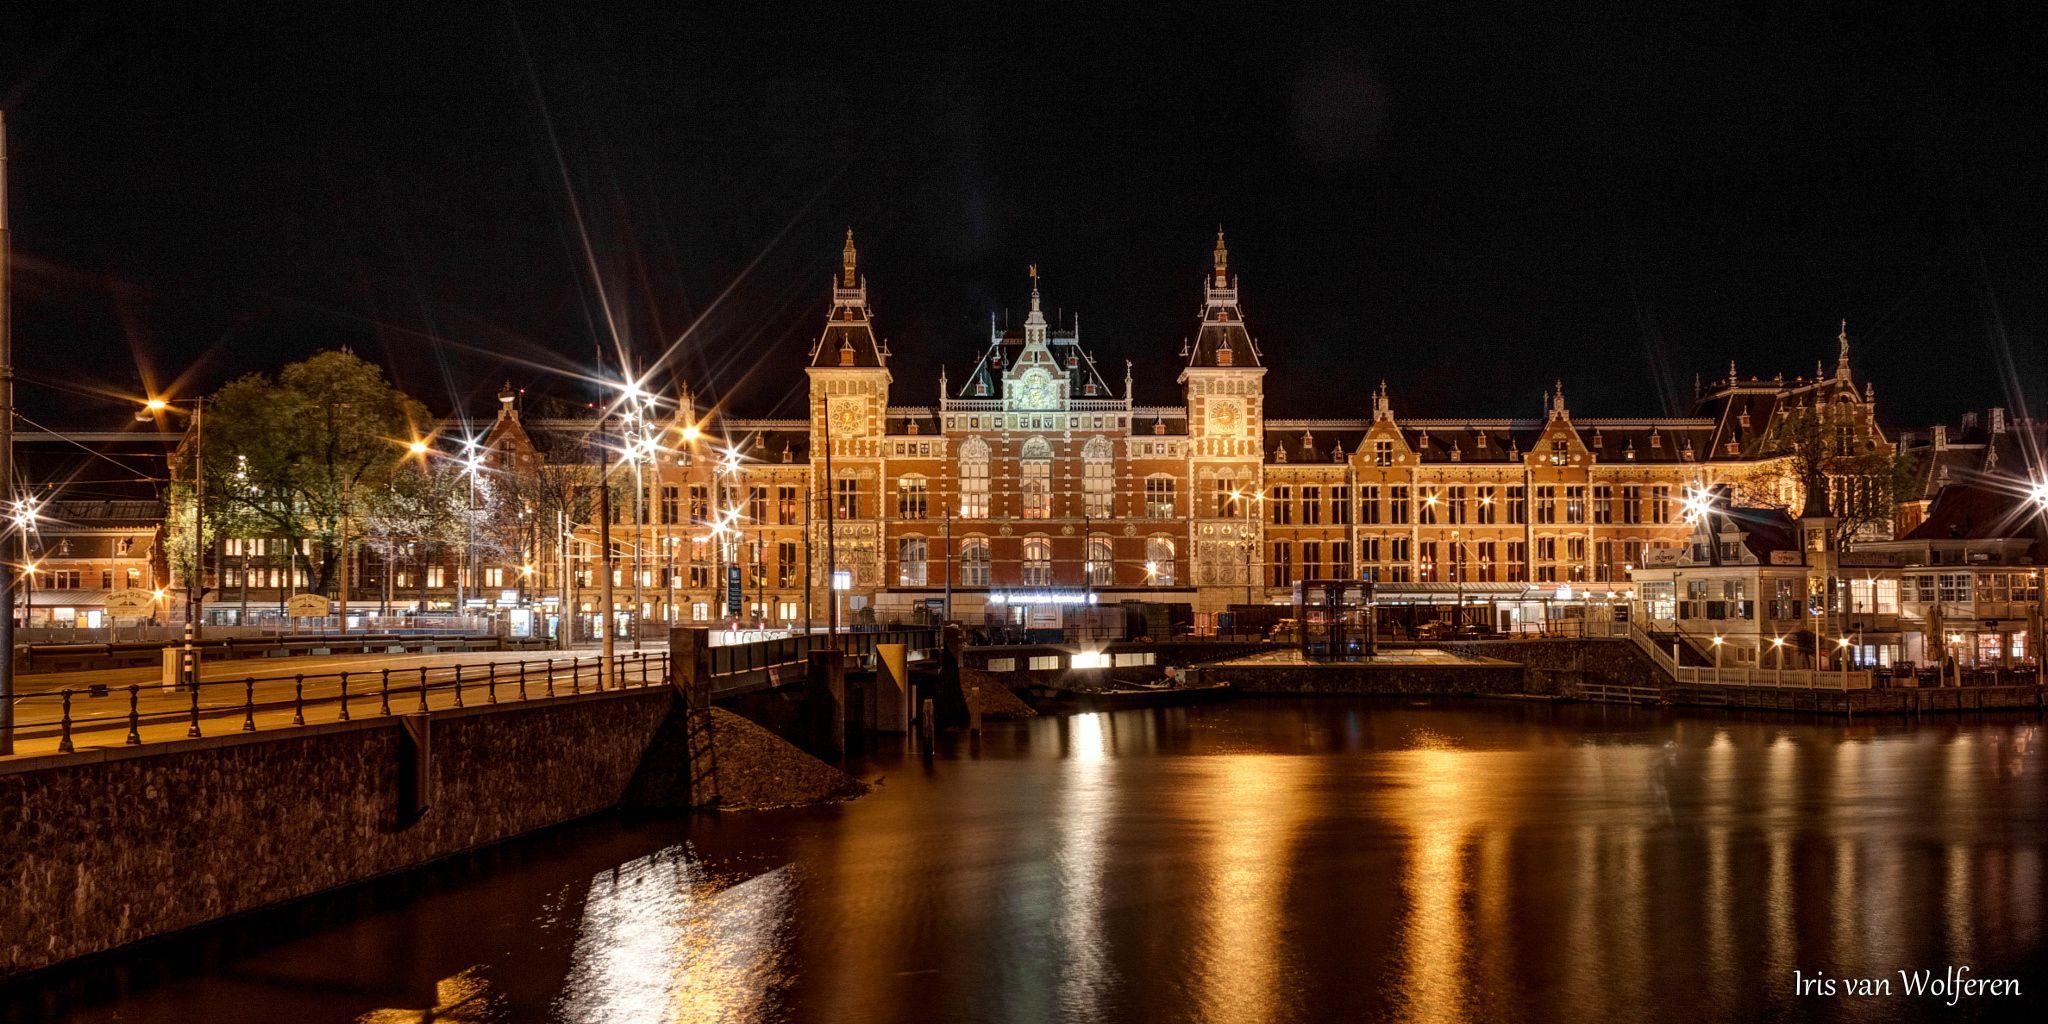 Fotografia Amsterdam de Iris van Wolferen na 500px